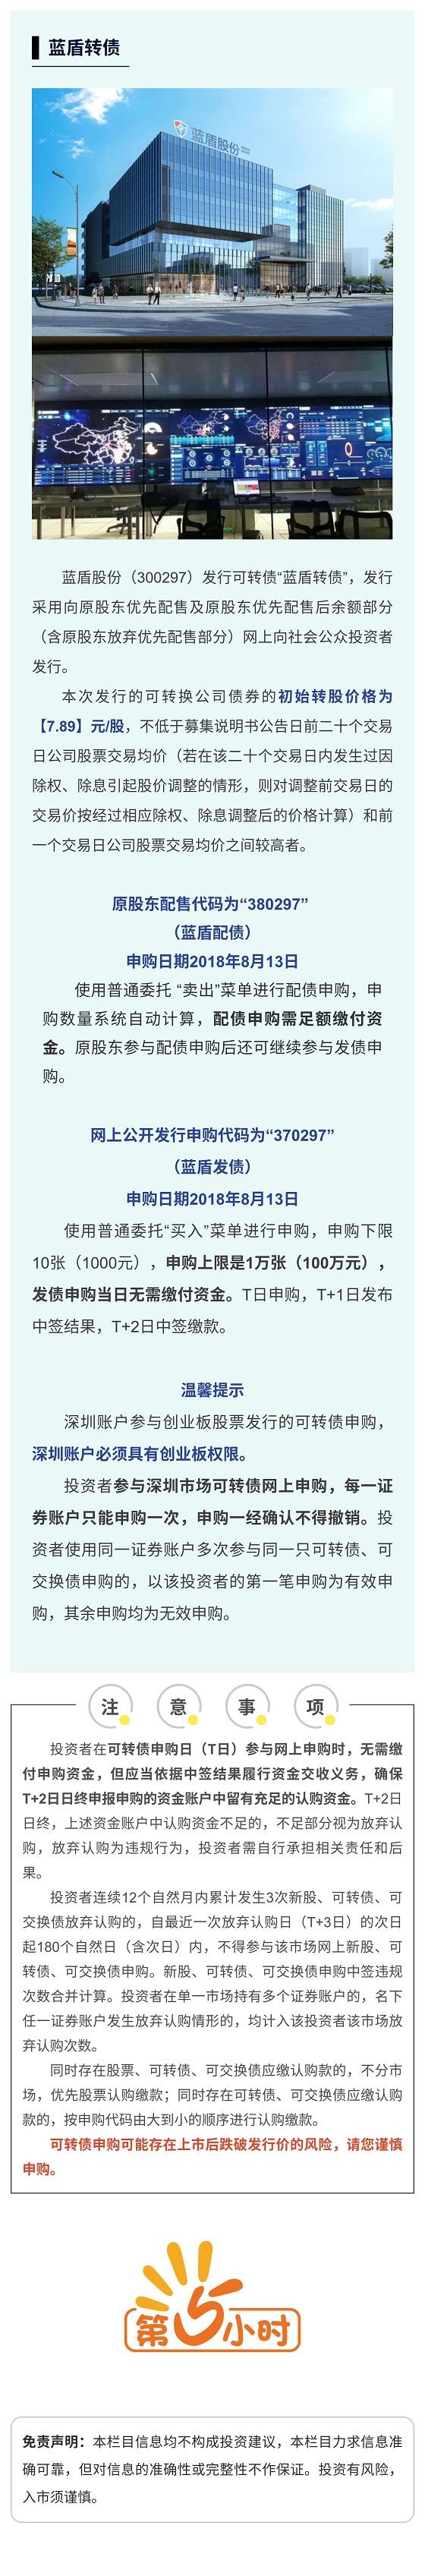 【新债申购】蓝盾股份(300297)公开发行可转换公司债.jpg